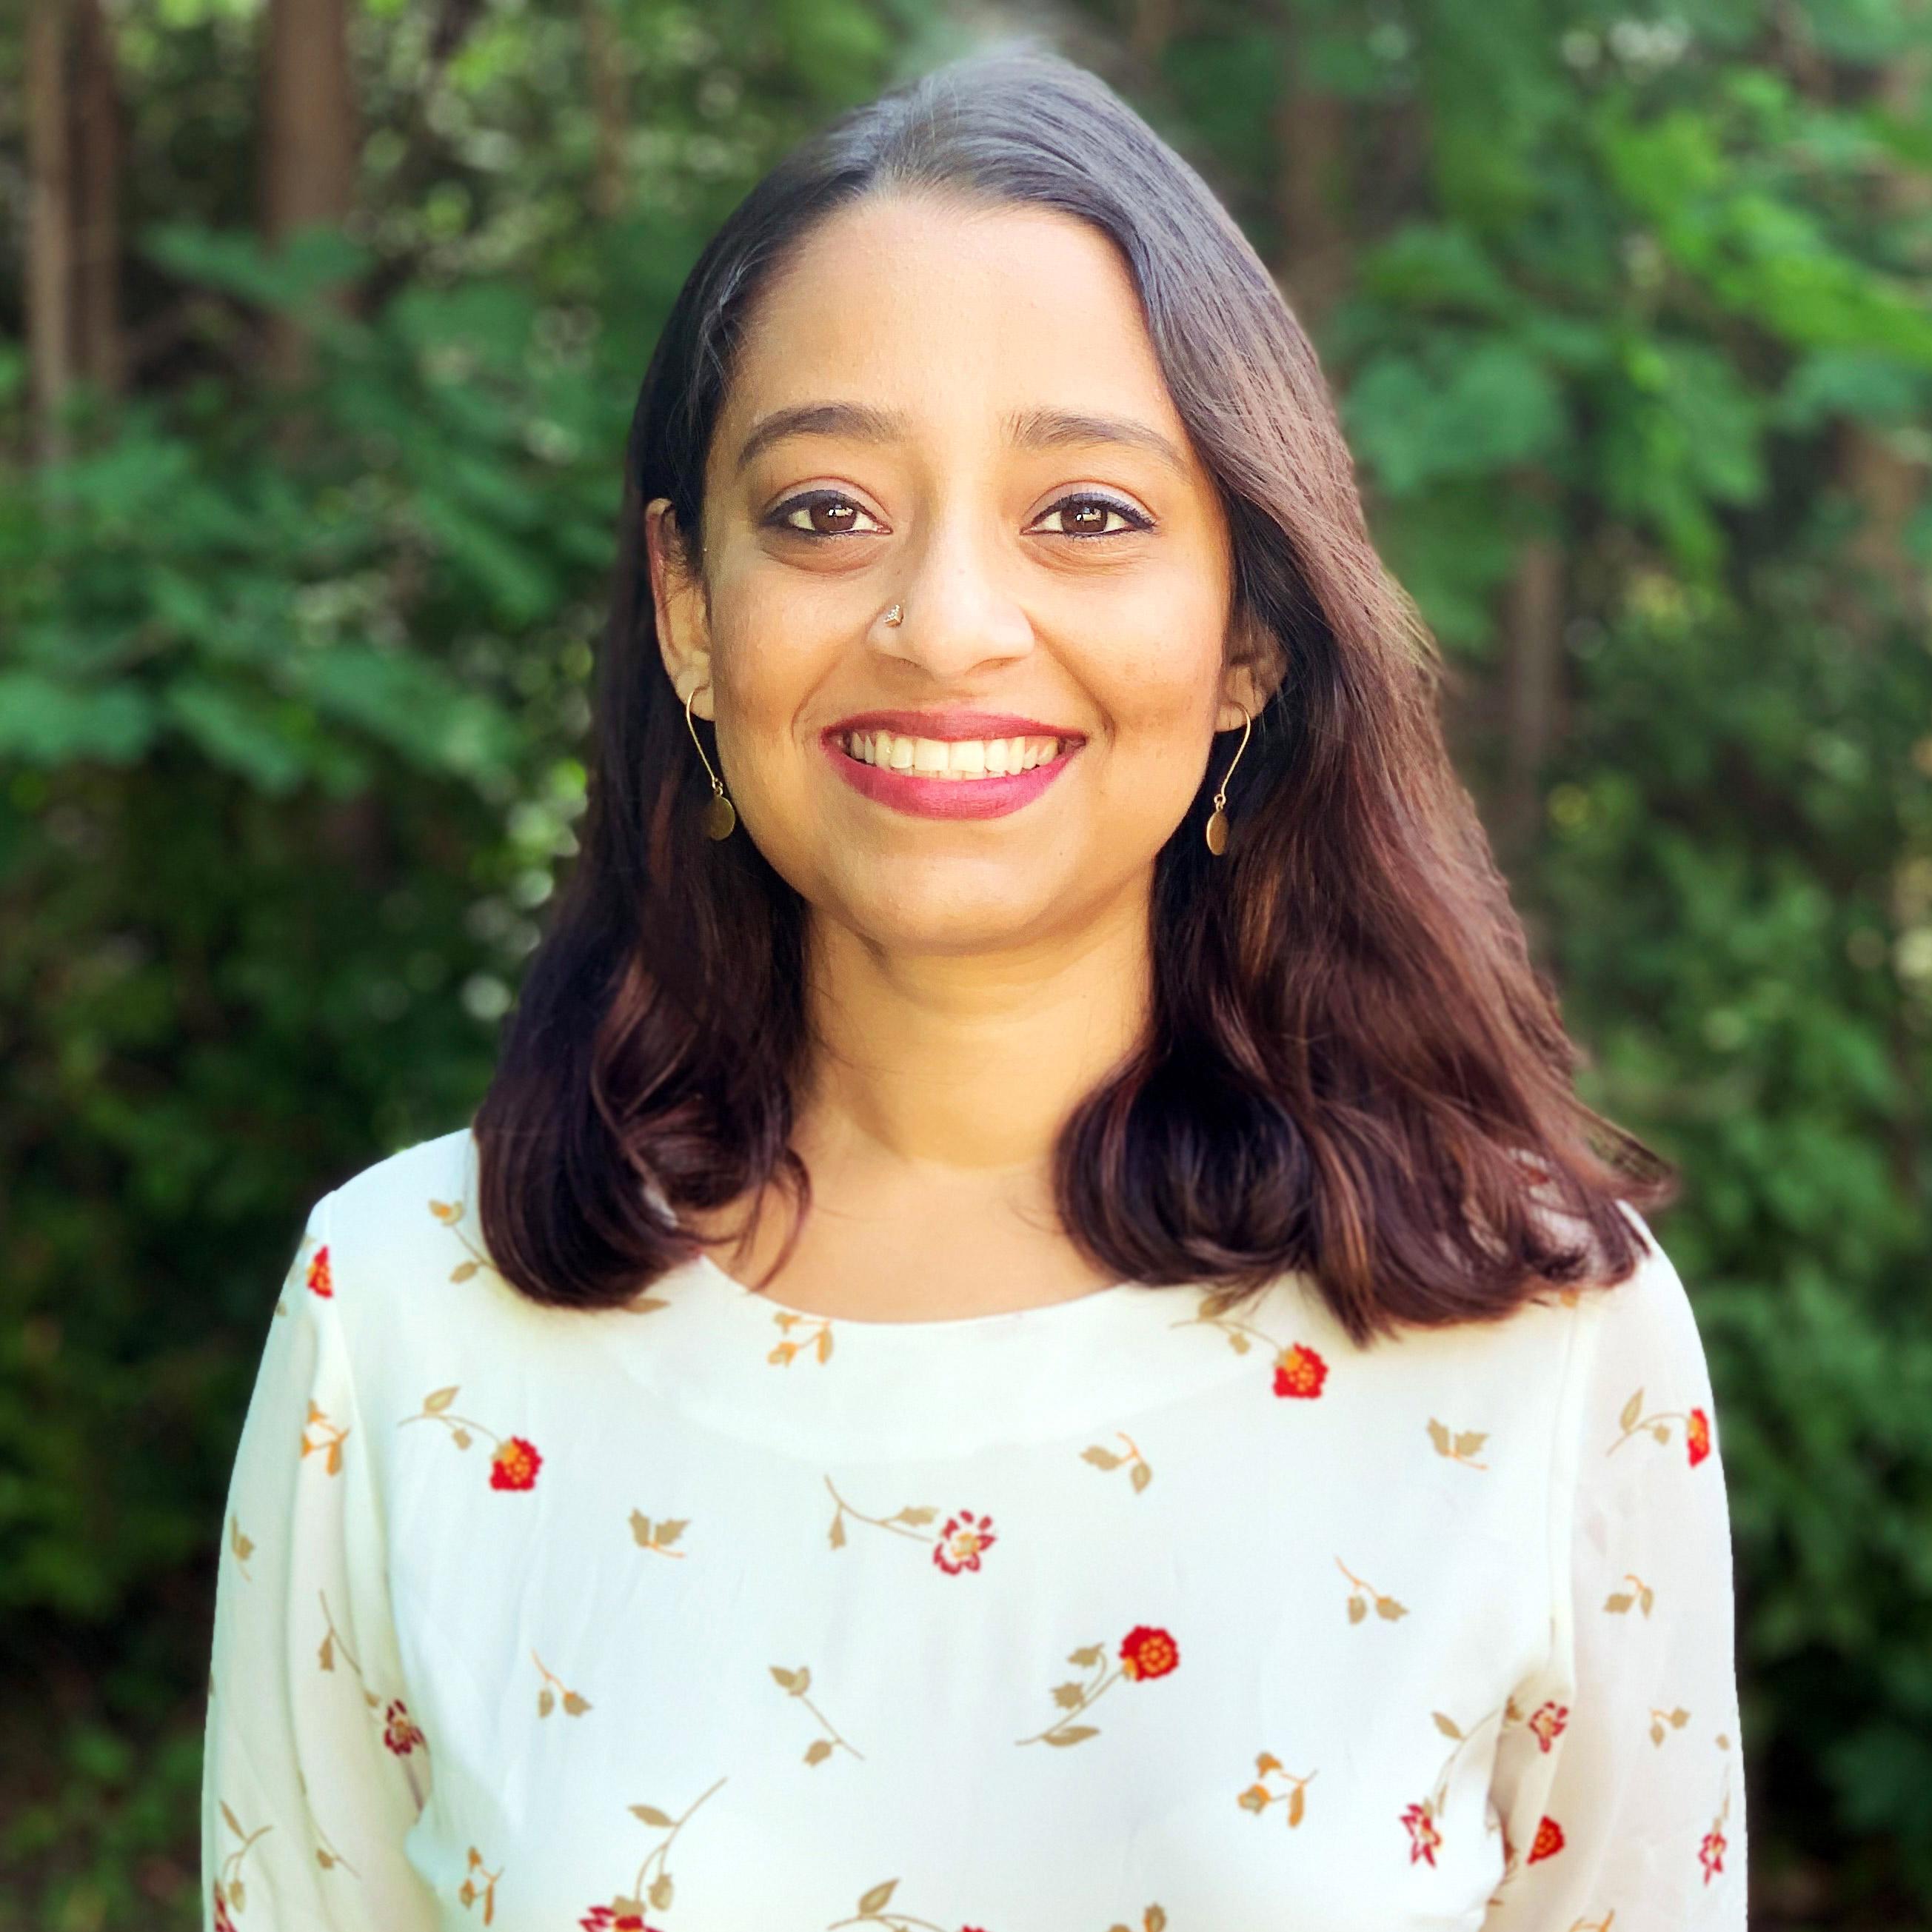 Banupriya Balachandra